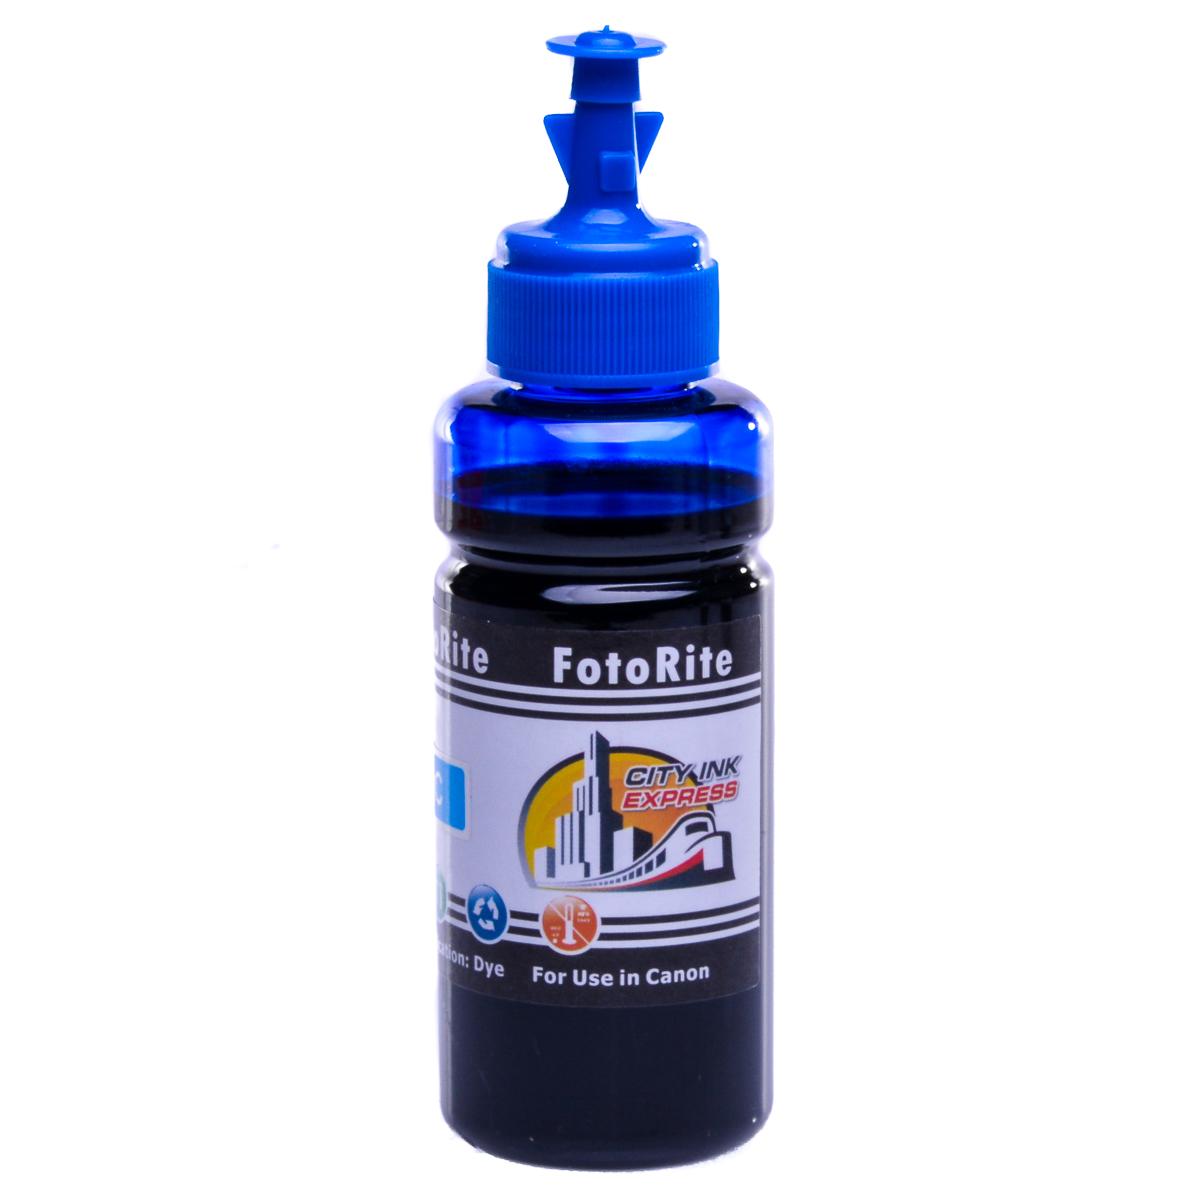 Cheap Cyan dye ink replaces Canon Pixma IX6250 - CLI-526C